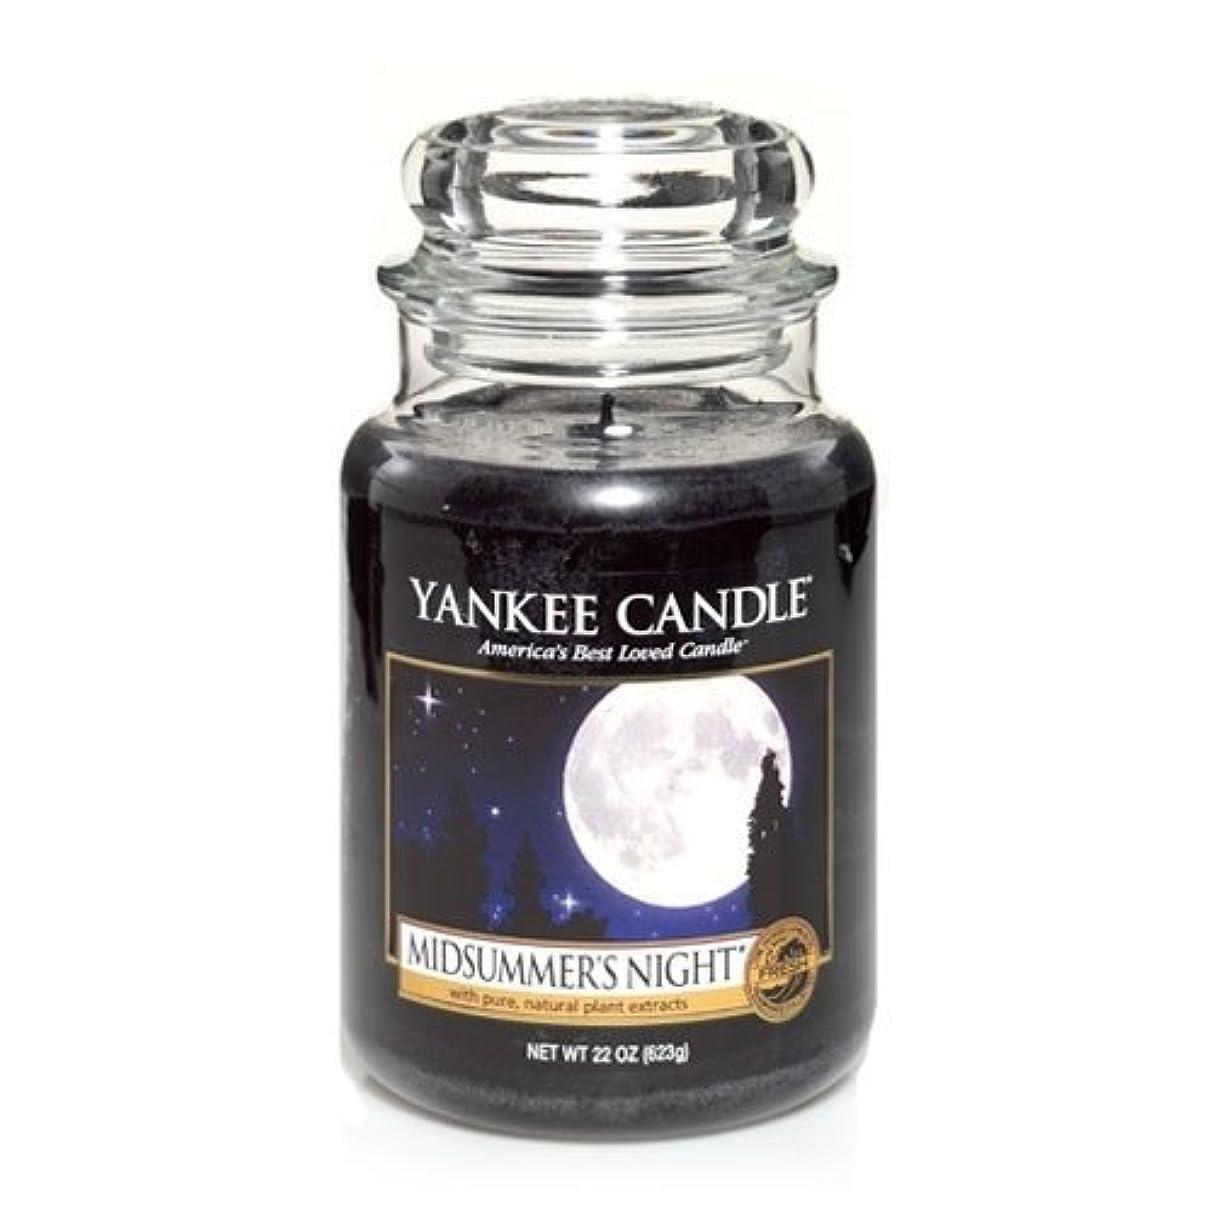 燃料開発シーケンスYankee Candle Midsummer's Night Large Jar Candle, Fresh Scent by Yankee Candle [並行輸入品]